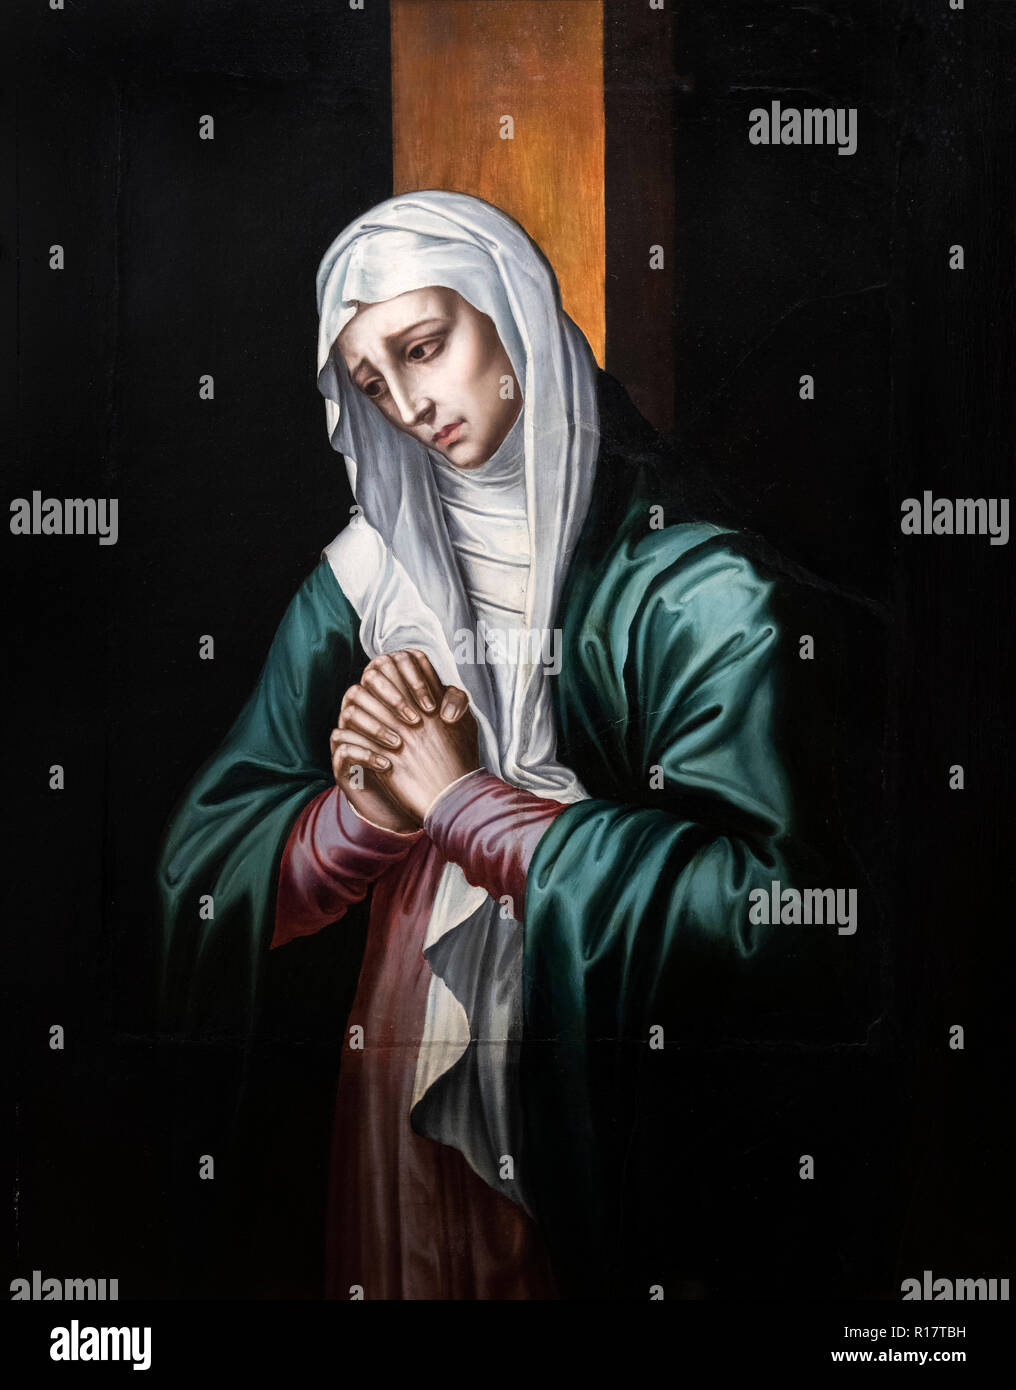 The Virgin of Sorrow (La Virgen Dolorosa) by Luis de Morales (1512-1586), c.1560 - Stock Image